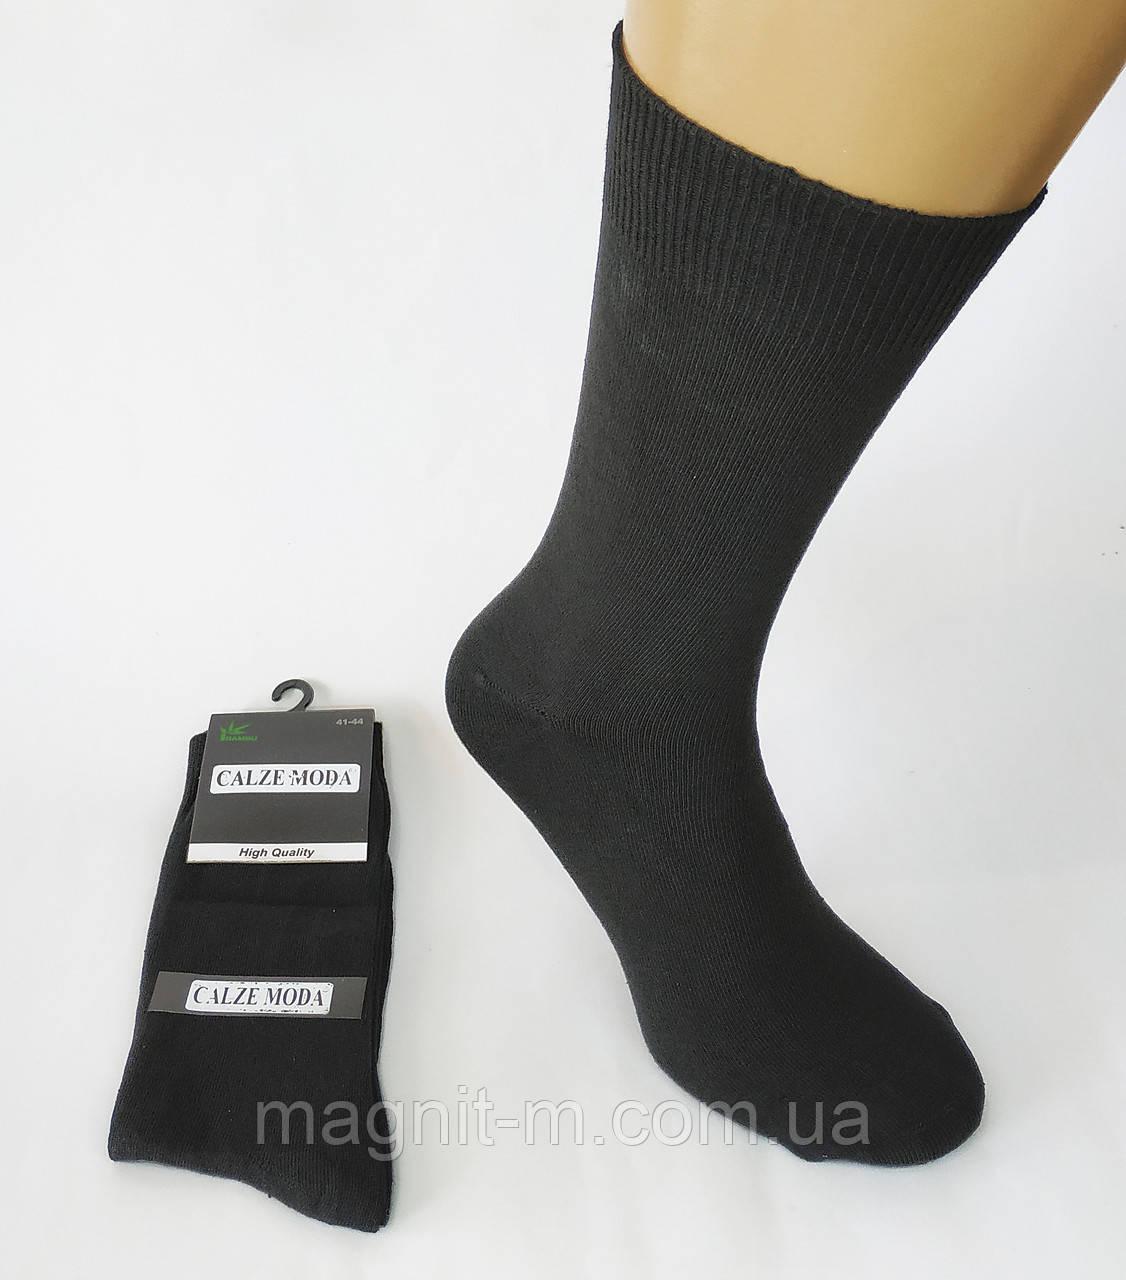 """Елітні високі шкарпетки """"Calze Moda"""". Бамбук. Туреччина. Чорні. Р-Р 41-44."""